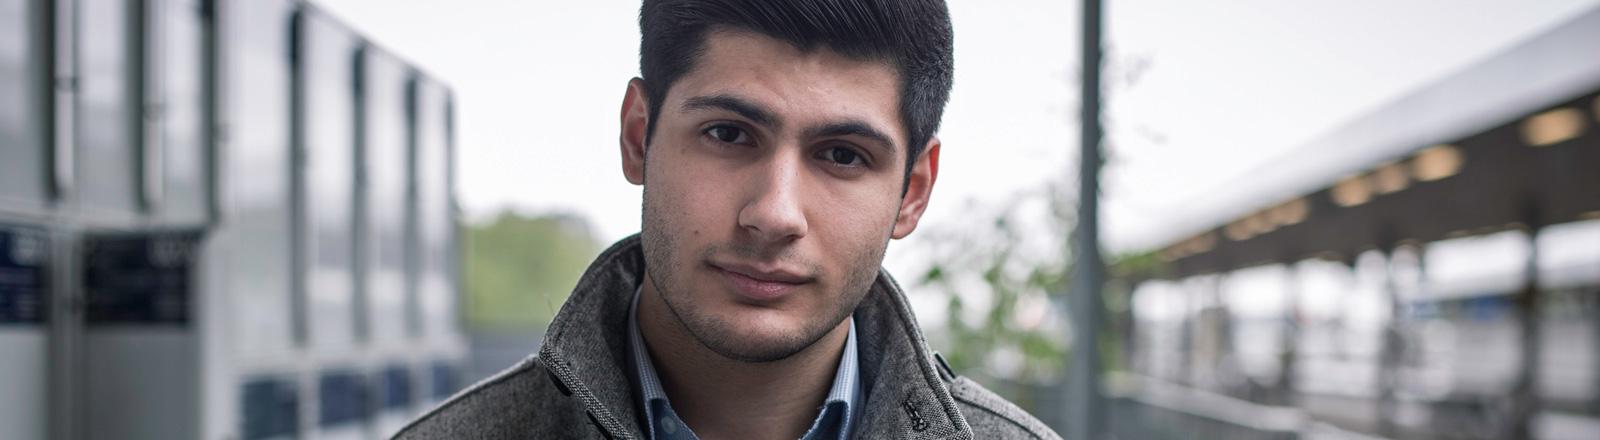 Portrait von Sina Aaron Moslehi. Ein junger Mann mit schwarzen, kurzen Haaren. Er trägt Hemd und eine graue Jacke.